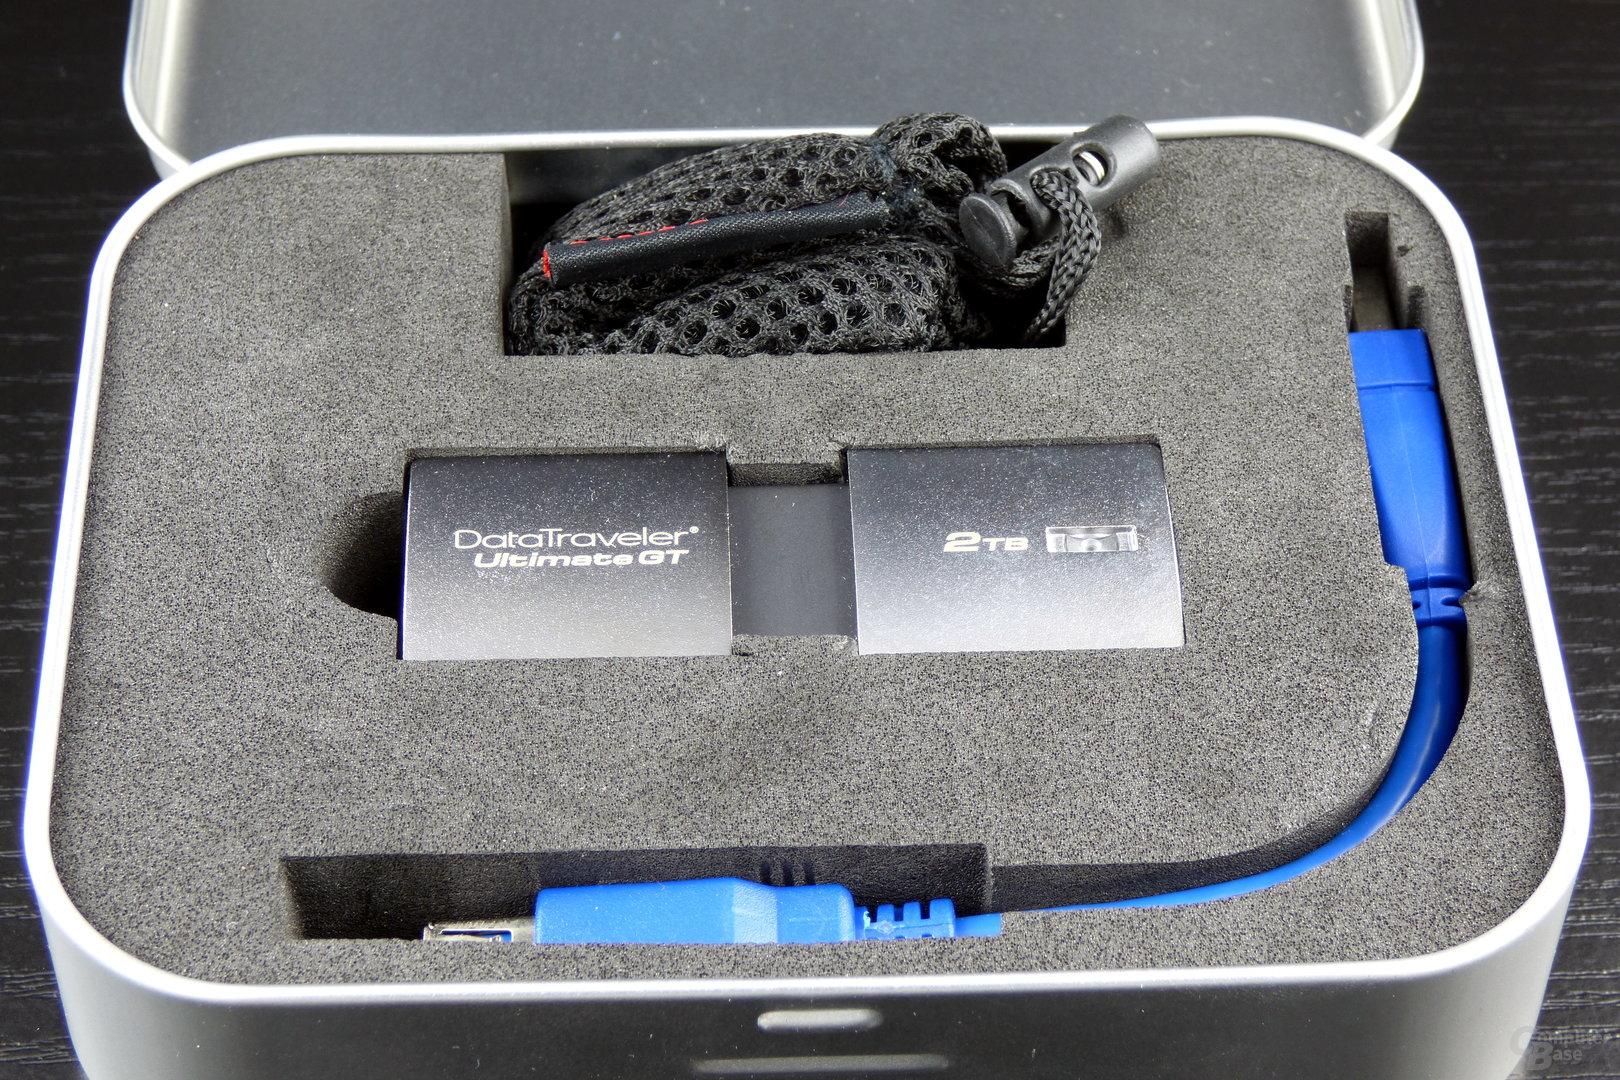 USB-Stick, Adapterkabel und Tragebeutel im Lieferumfang